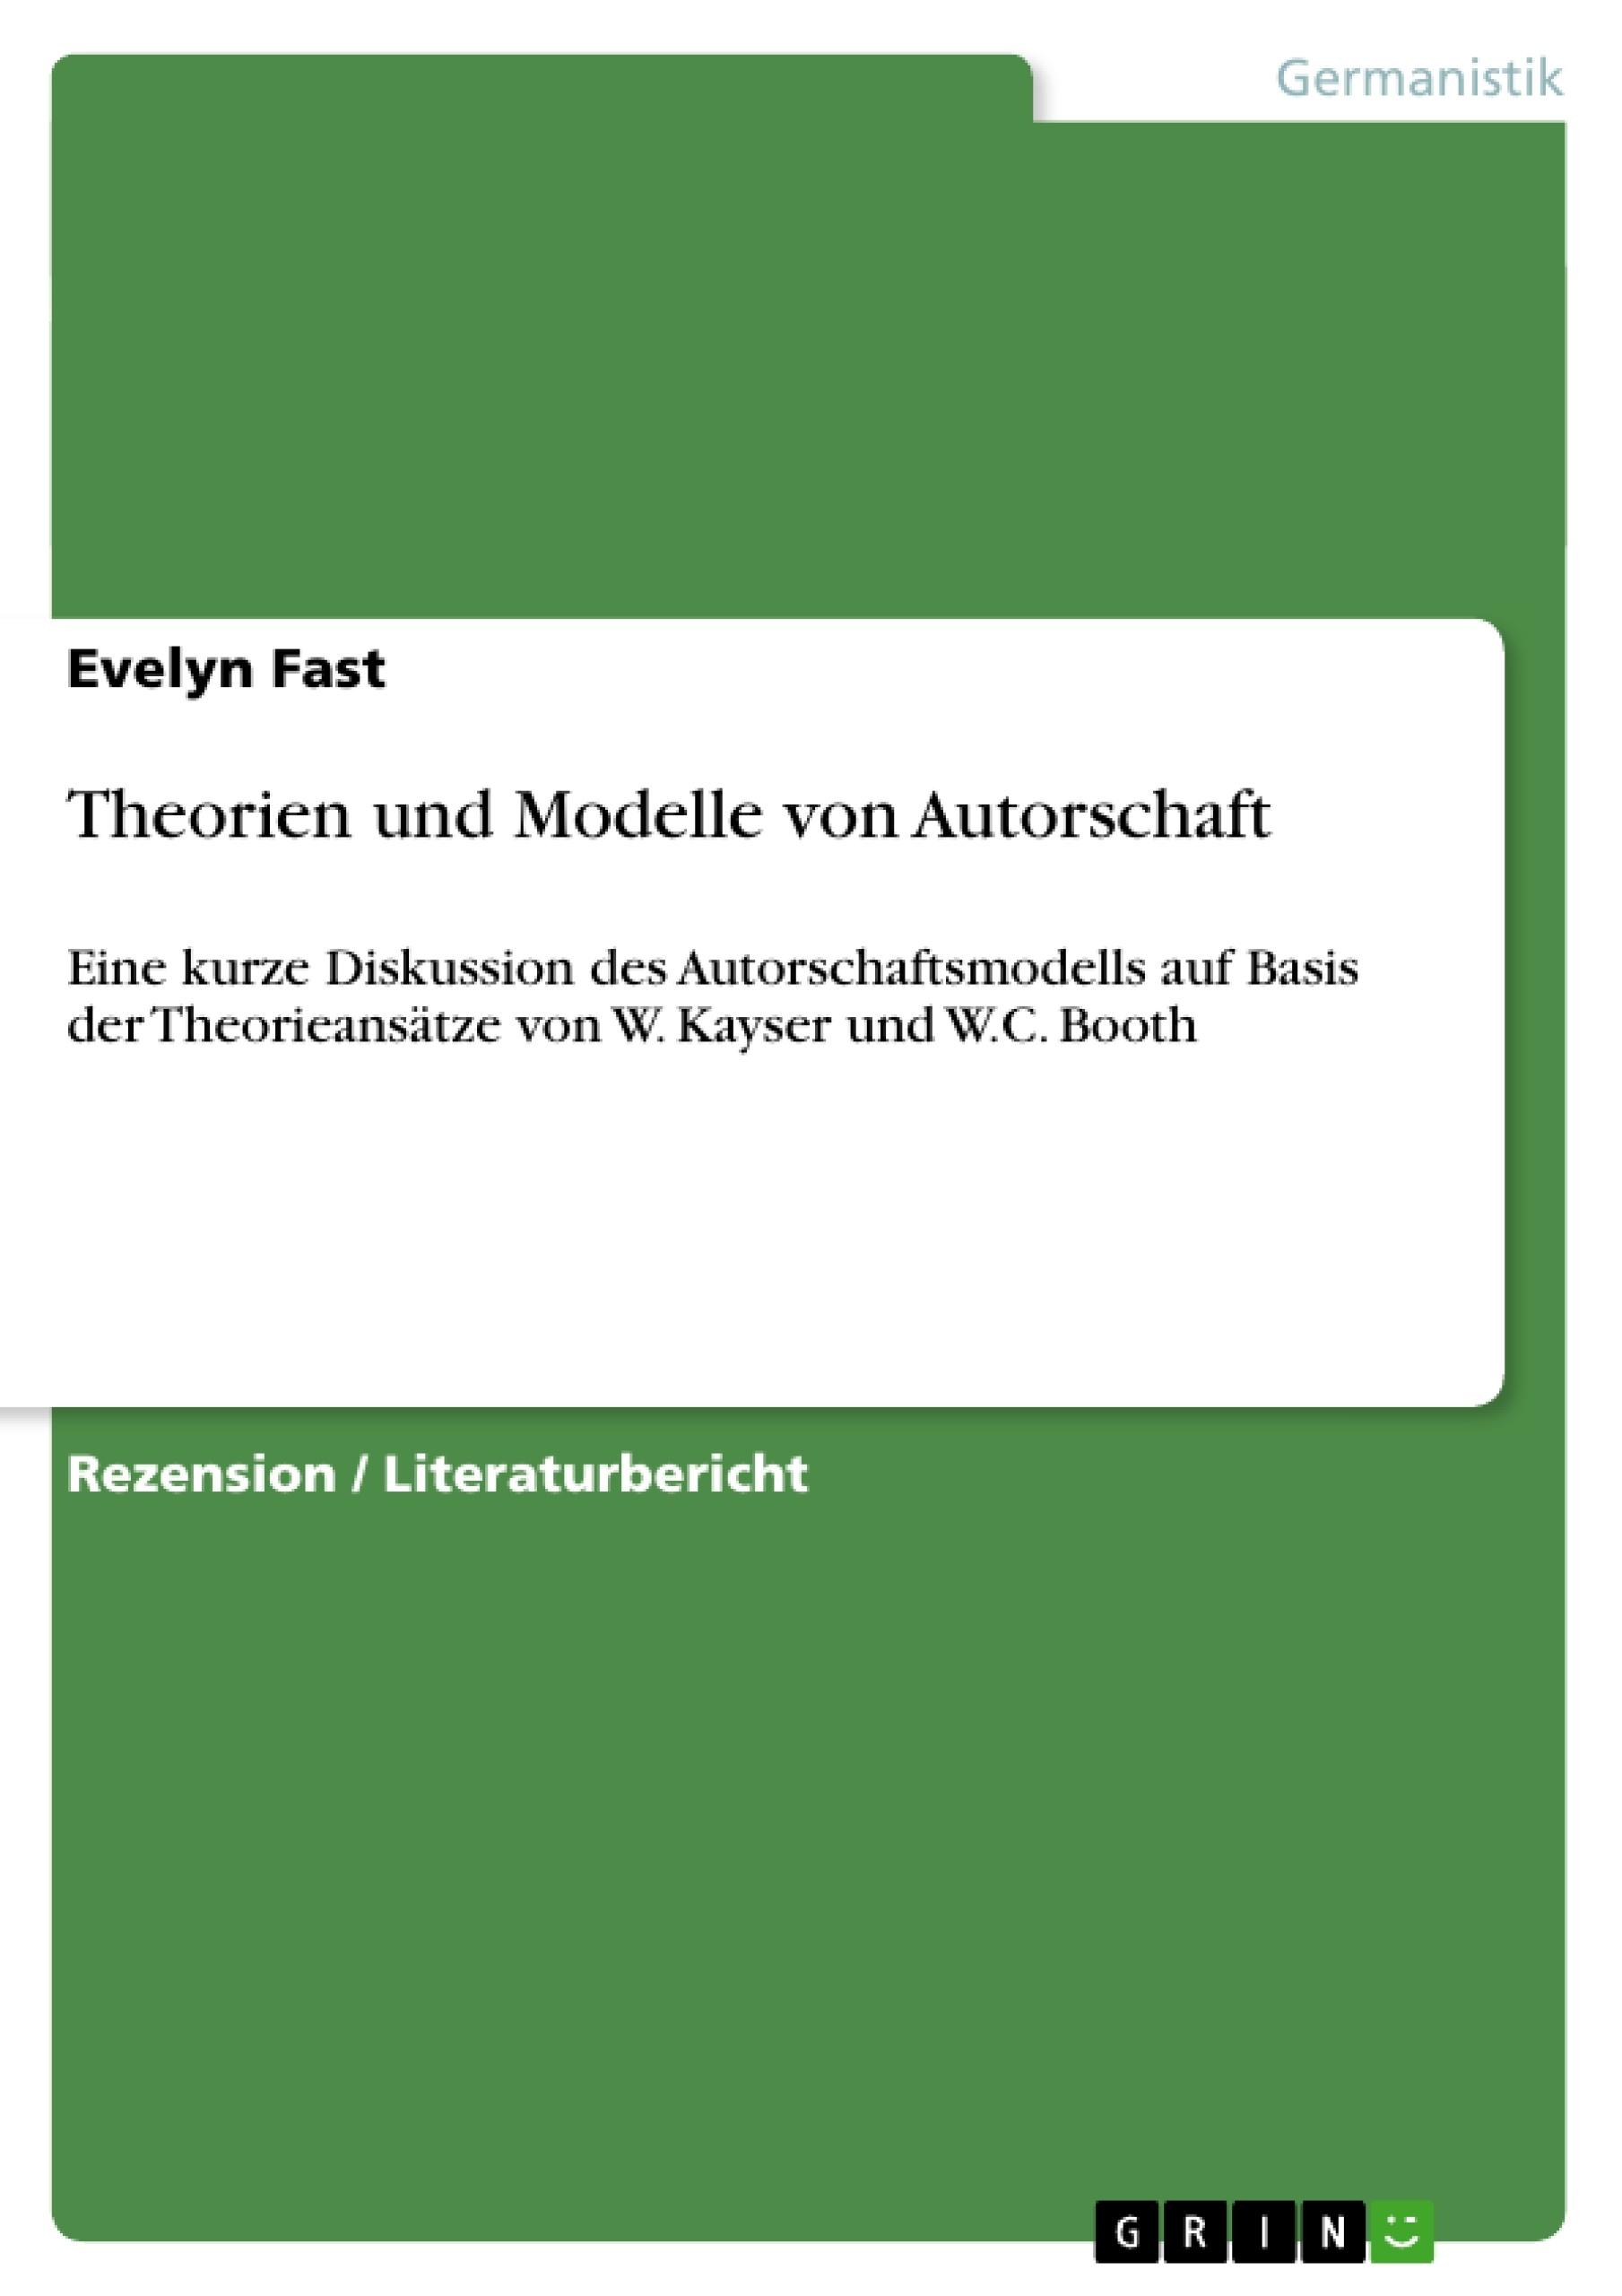 Titel: Theorien und Modelle von Autorschaft